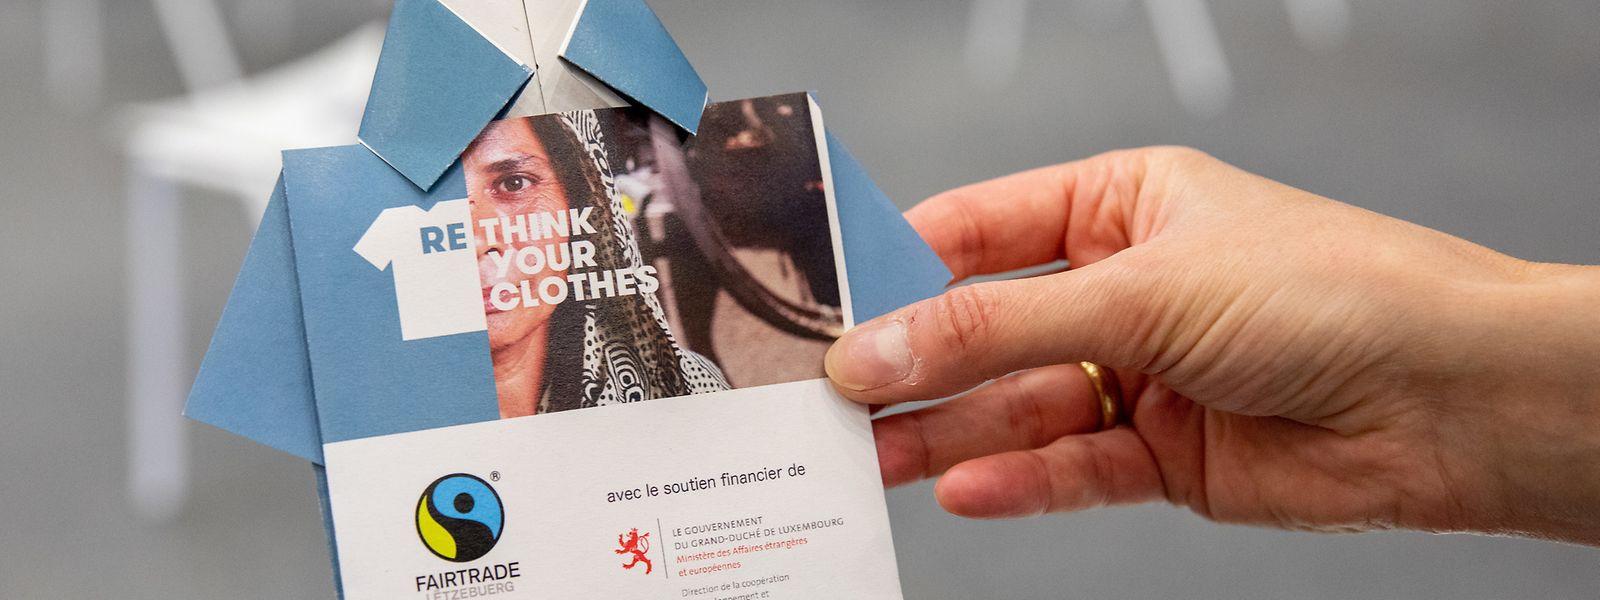 """Die Kampagne """"Rethink your clothes"""" fordert den Verbraucher auf, anders Kleider zu konsumieren."""